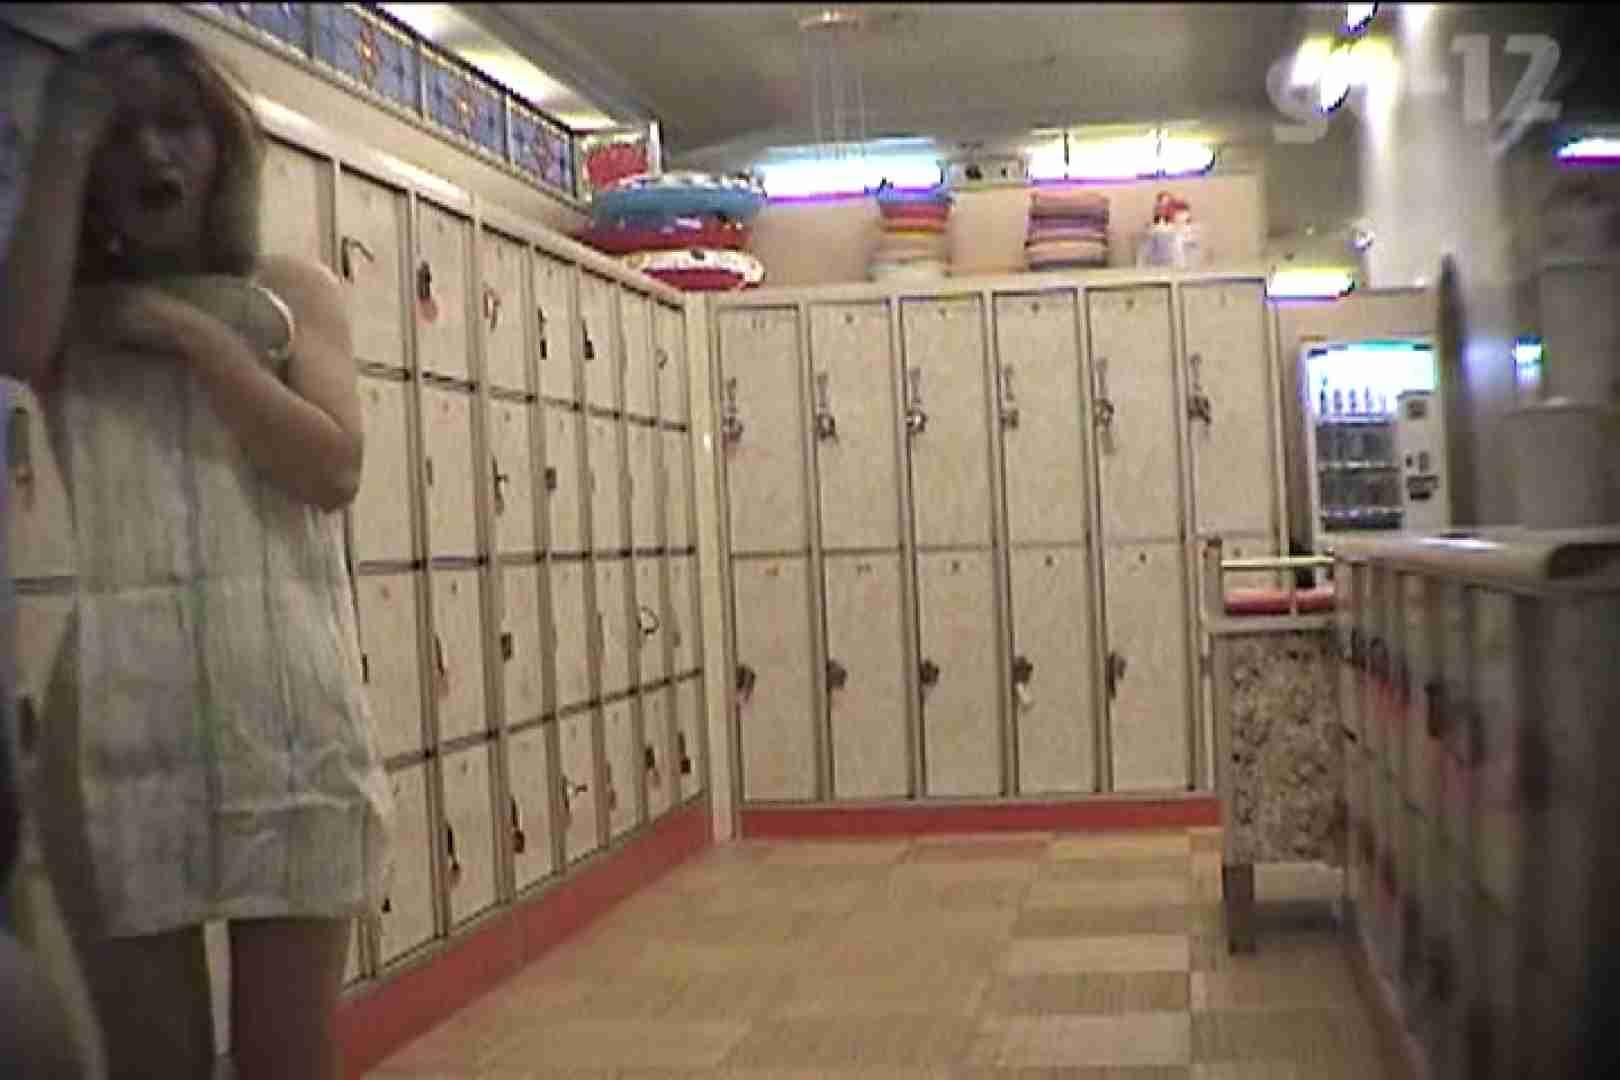 電波カメラ設置浴場からの防HAN映像 Vol.12 盗撮 | OLのボディ  82PIX 43